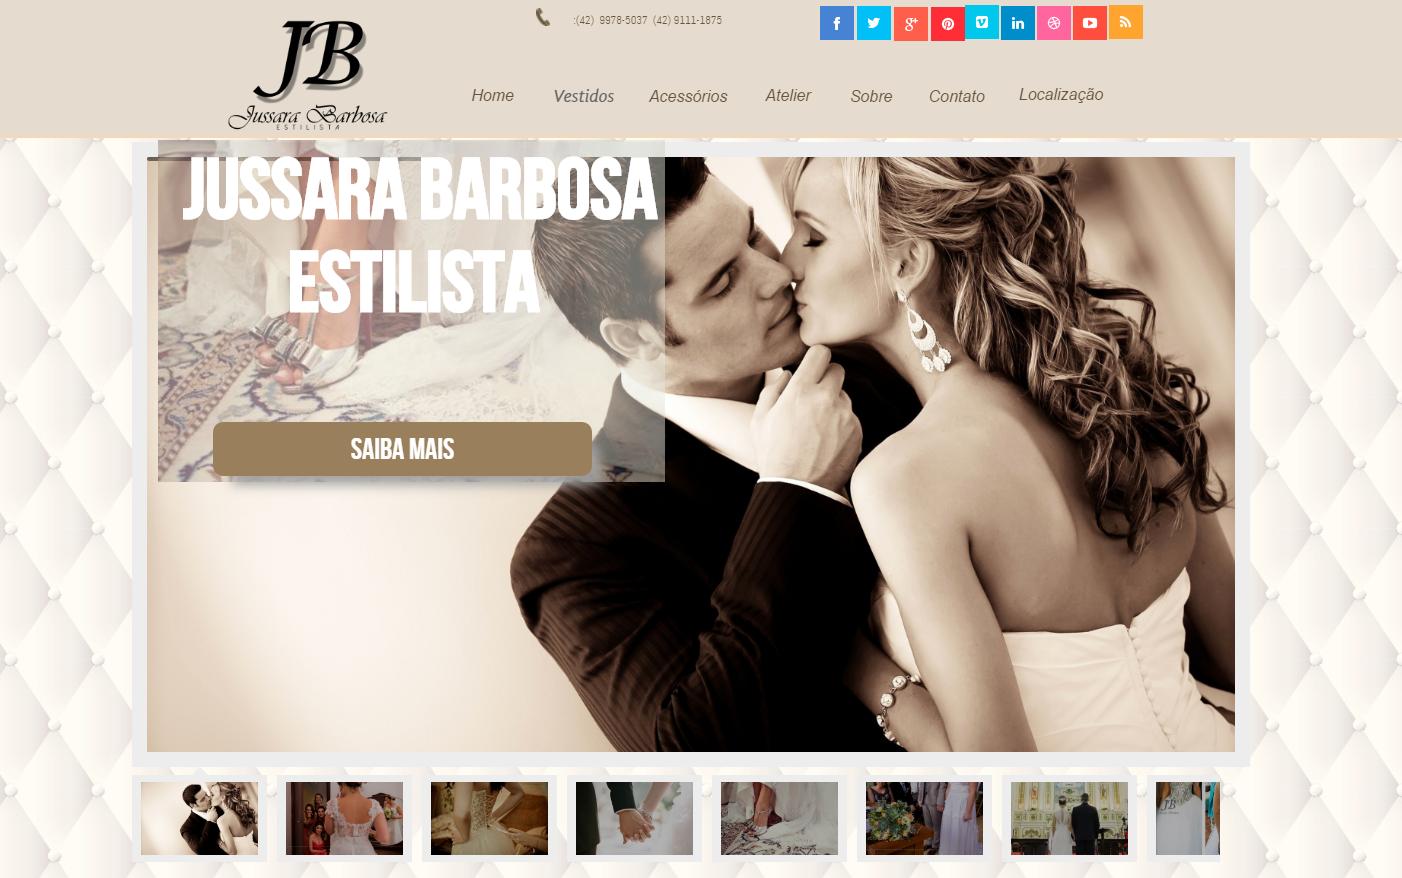 Site - Jussara Barbosa Estilista